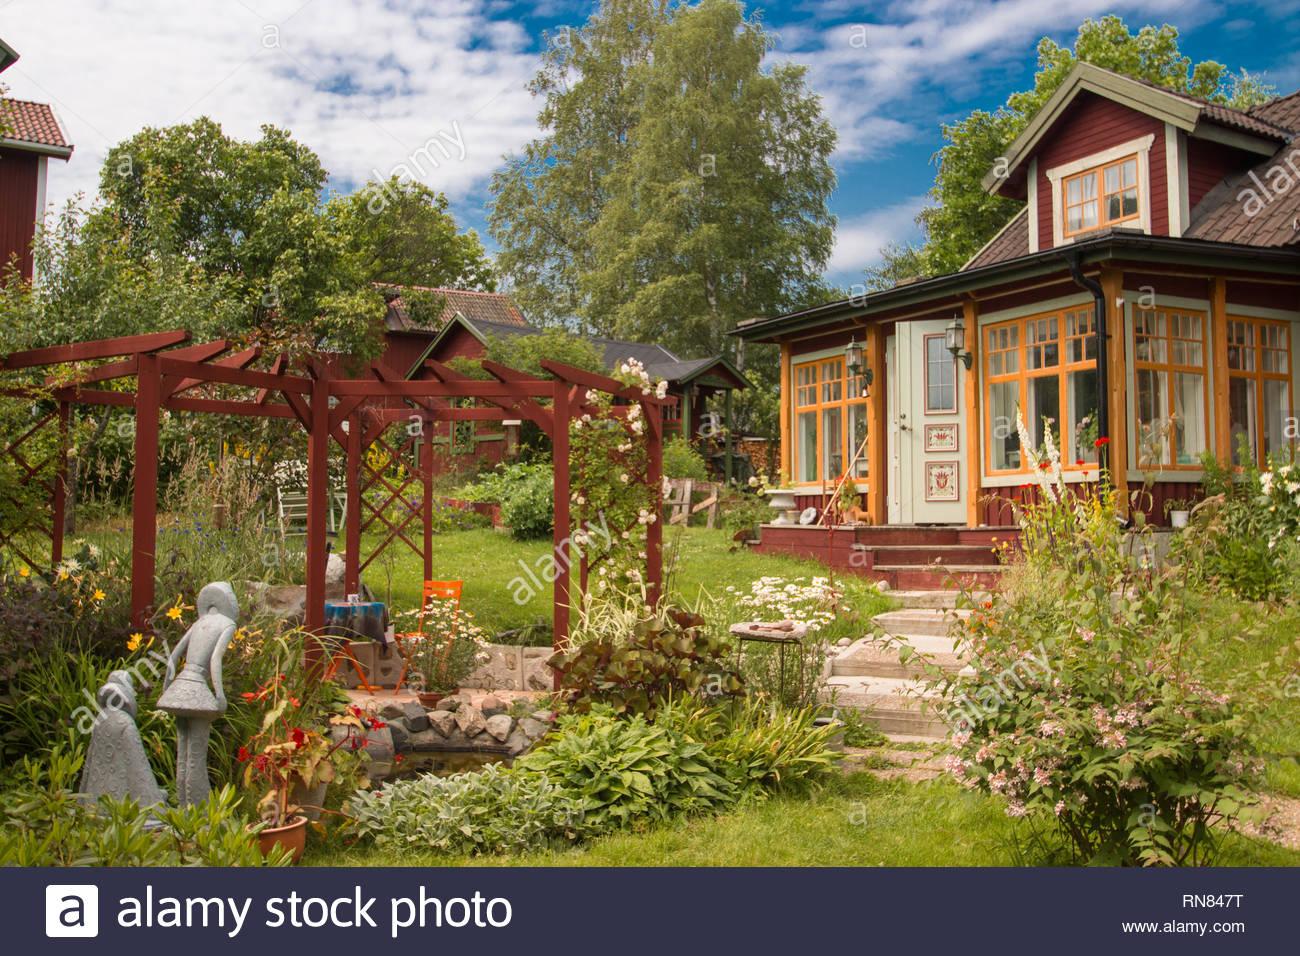 Sundborn/Dalarna/Sweden ,July04,2014- beautiful swedish house with a garden Stock Photo